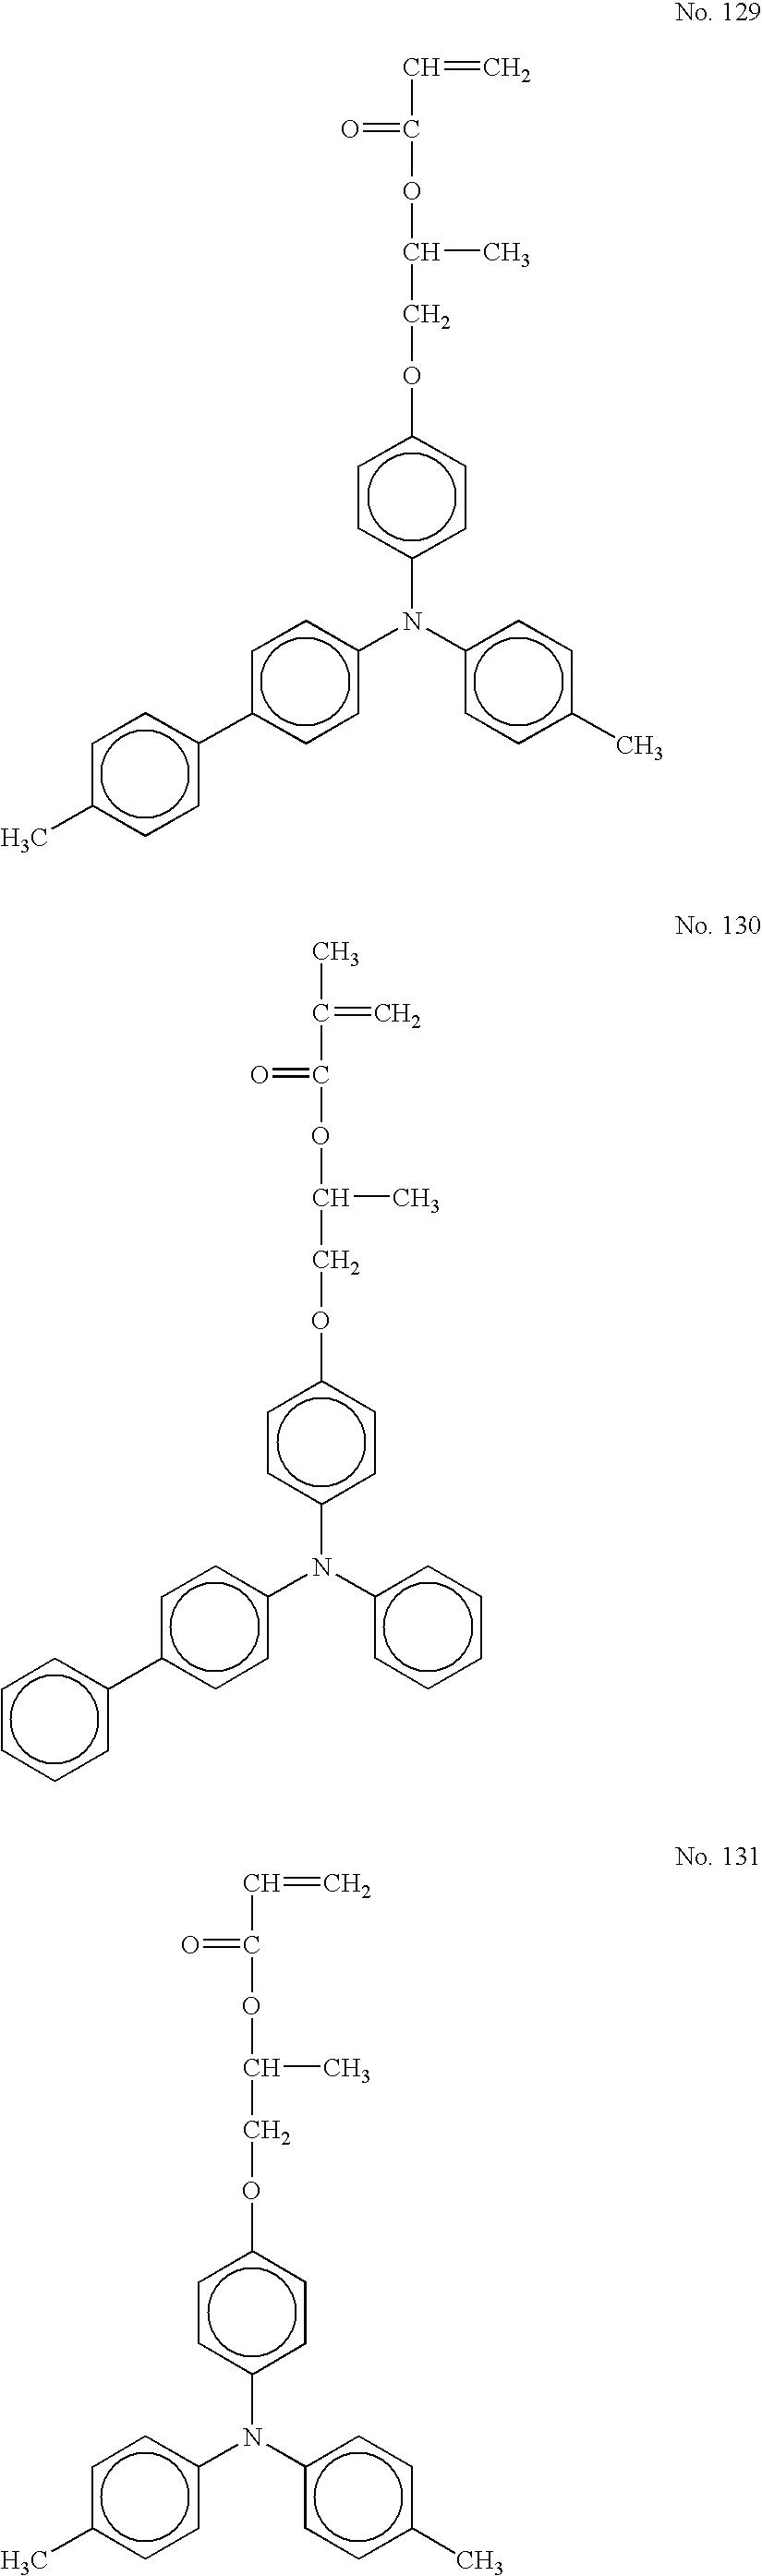 Figure US20050175911A1-20050811-C00047